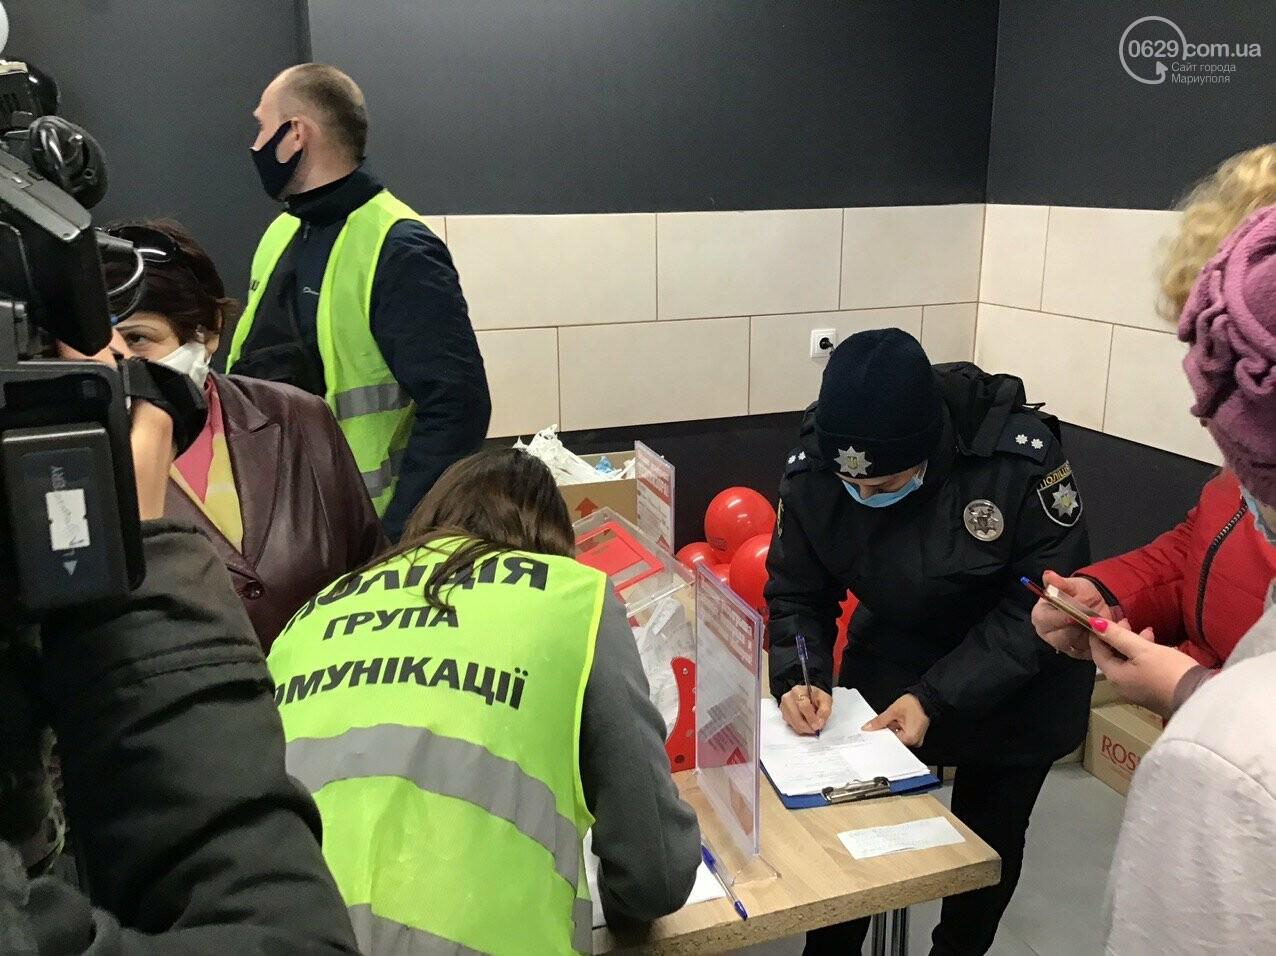 Мариупольцы в нарушение карантина штурмуют новый супермаркет, - ФОТО, ВИДЕО, фото-3